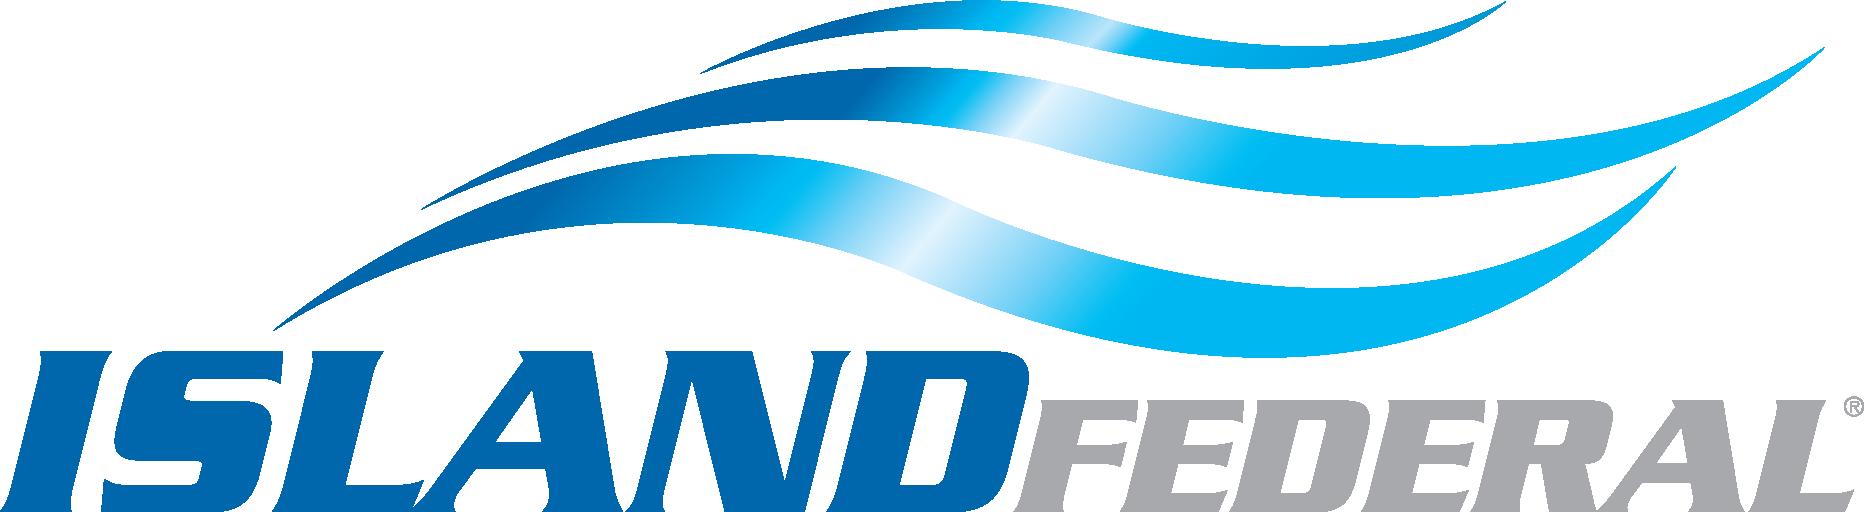 Island Federal